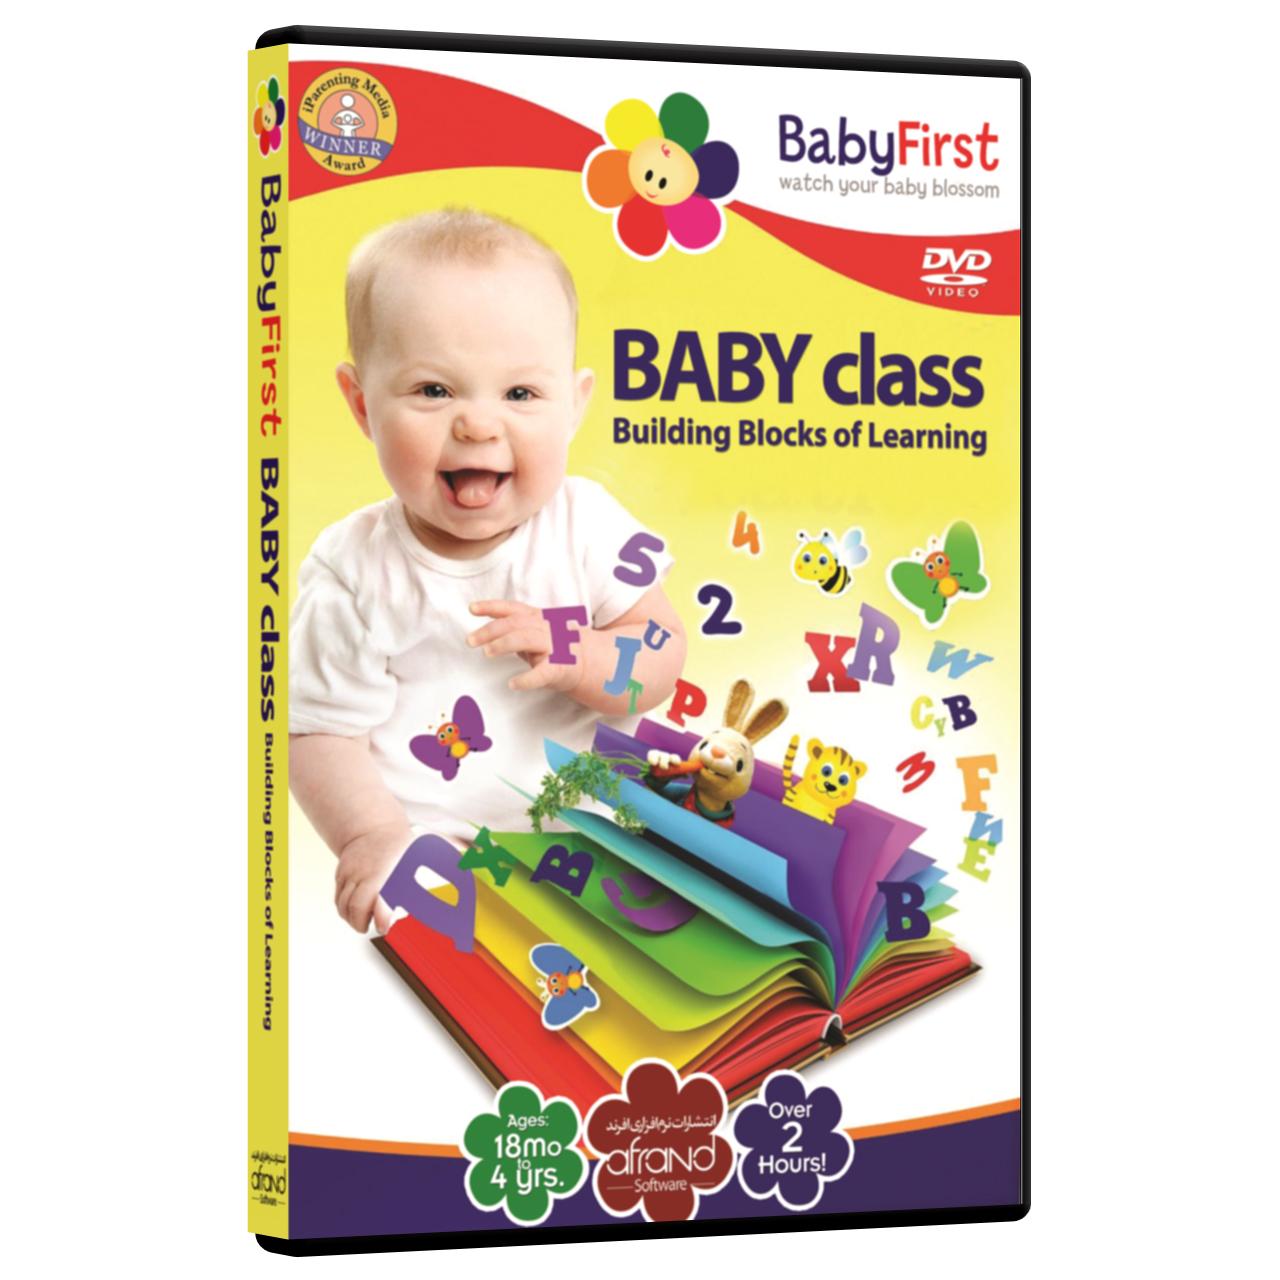 فیلم آموزش زبان انگلیسی BabyFirst Baby Class انتشارات نرم افزاری افرند